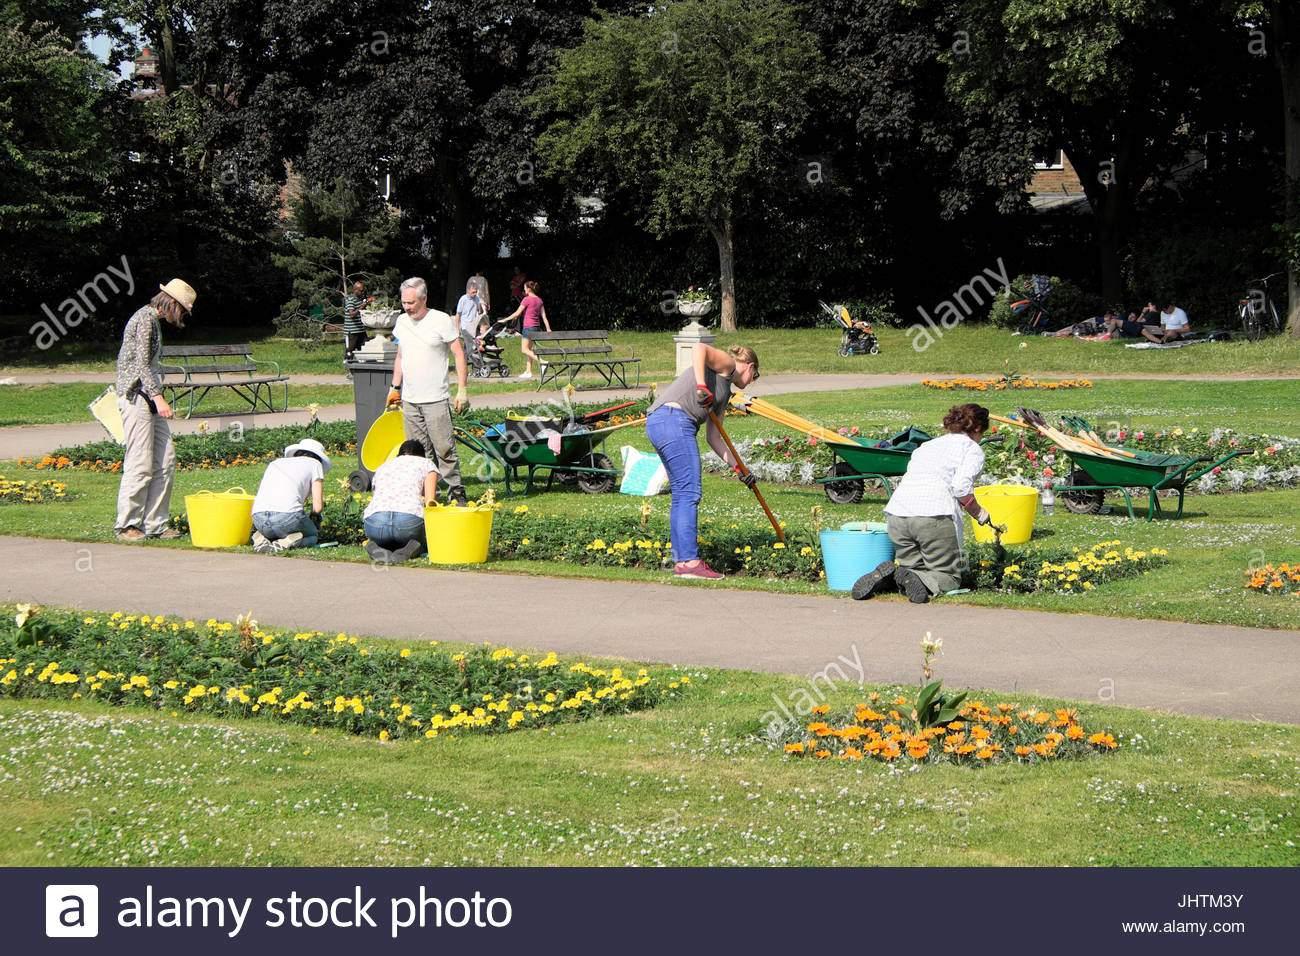 freiwilligen sie gartner im garten draussen im sommer an der william morris gallery park walthamstow east london uk kathy dewitt jhtm3y